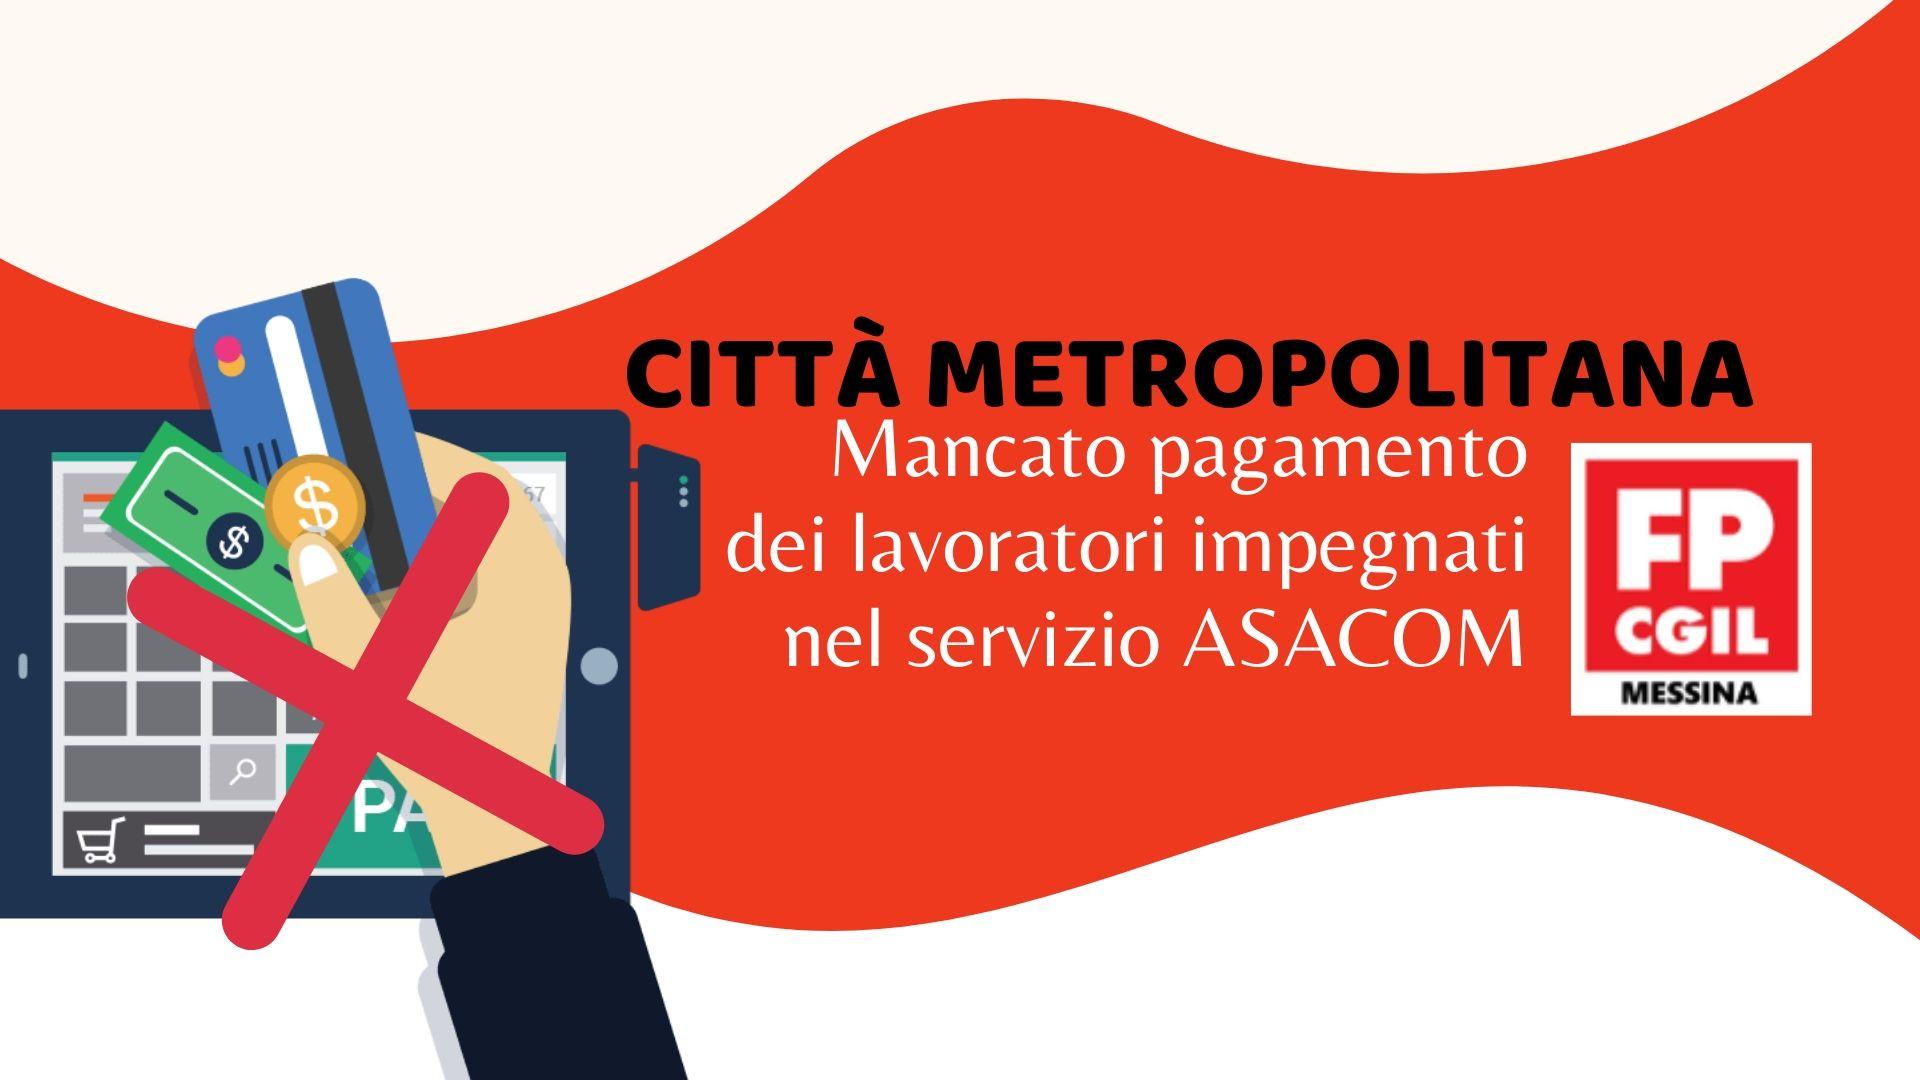 Mancato pagamento dei lavoratori impegnati nel servizio ASACOM Città Metropolitana Messina